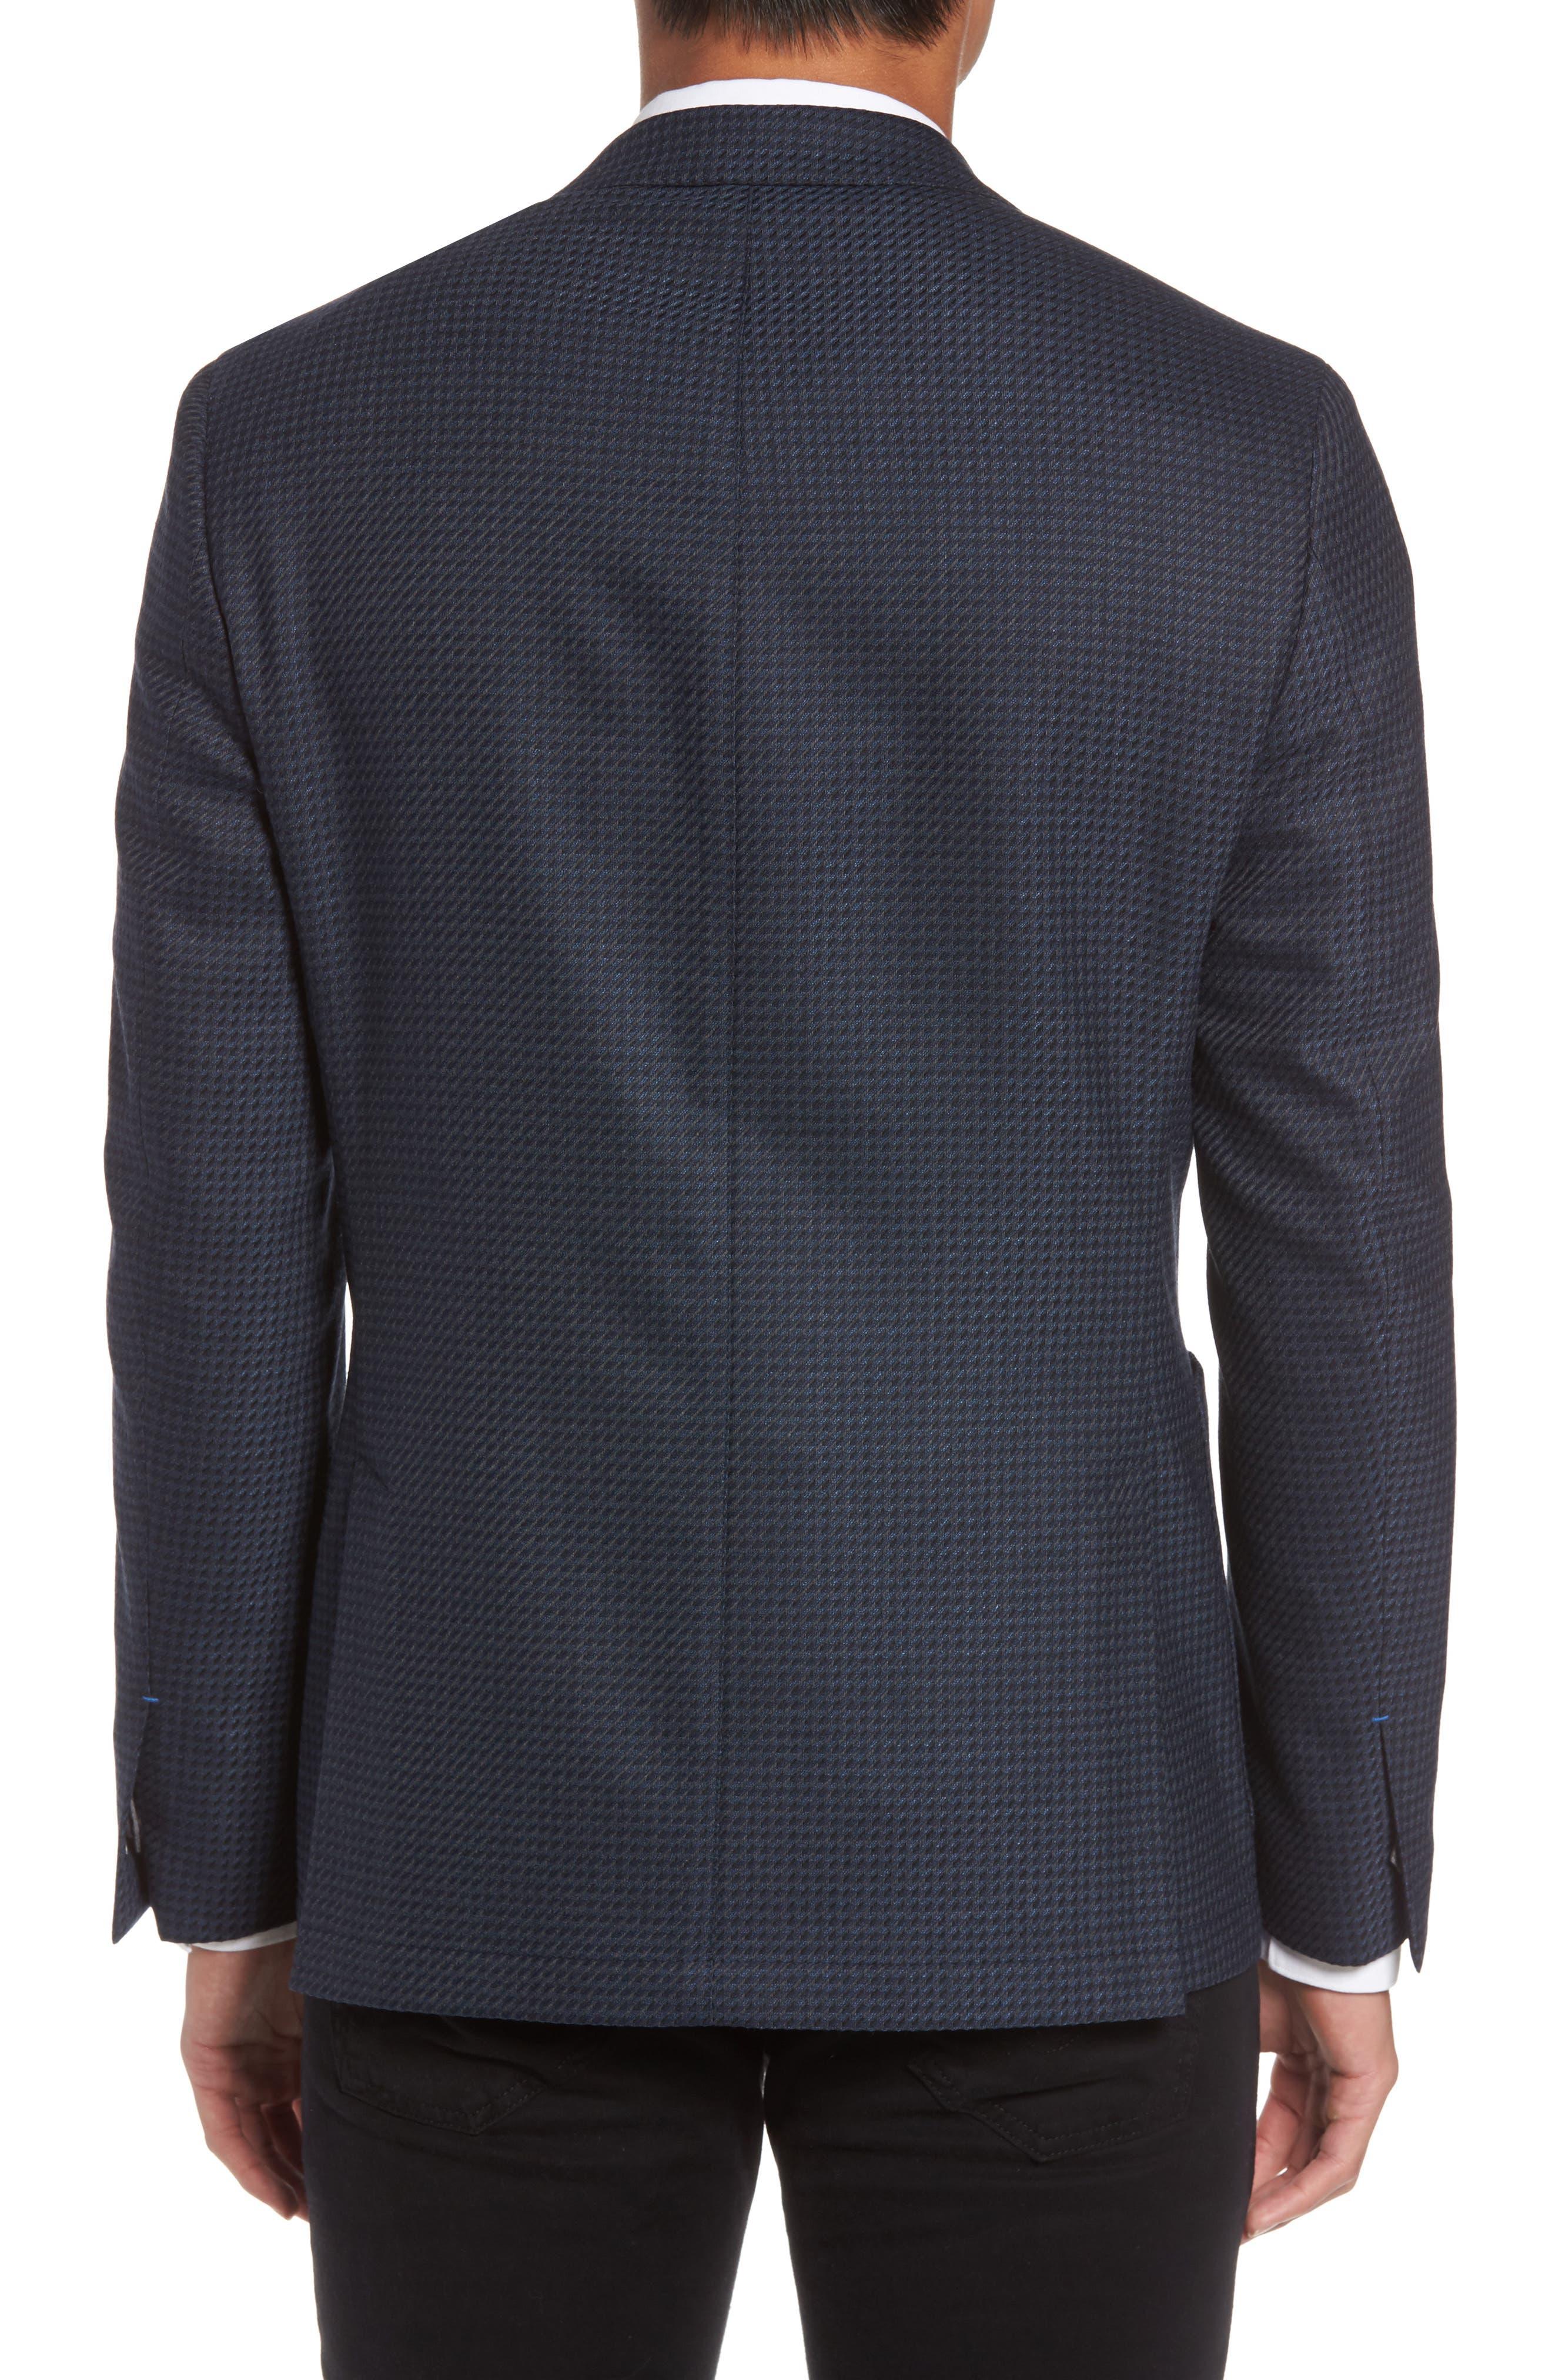 Alternate Image 2  - Vince Camuto Digital Houndstooth Wool Blend Sport Coat